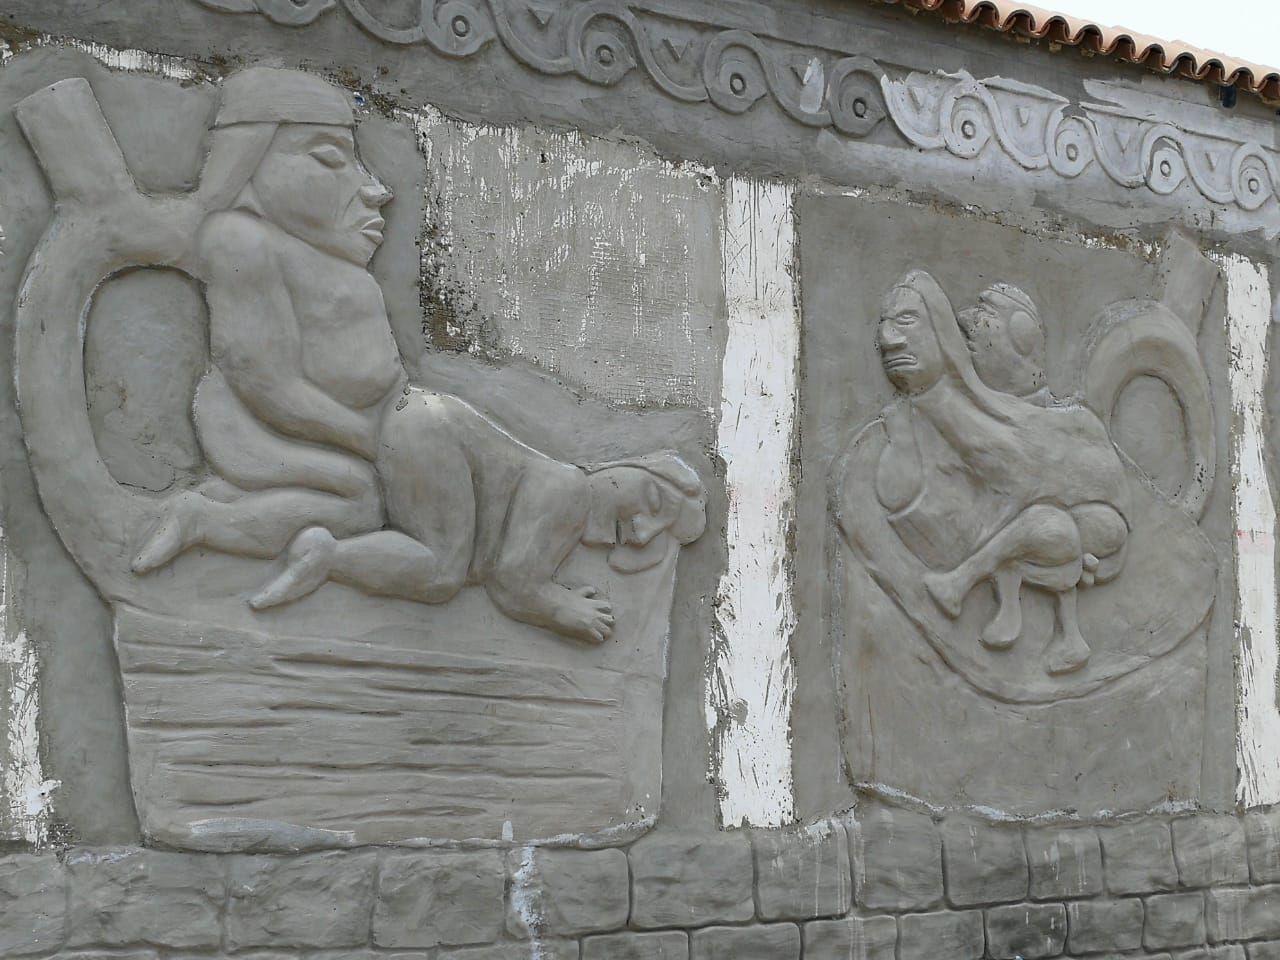 Sin embargo, hay quienes consideran esto como parte del patrimonio cultural del país y piden respetar el mural.